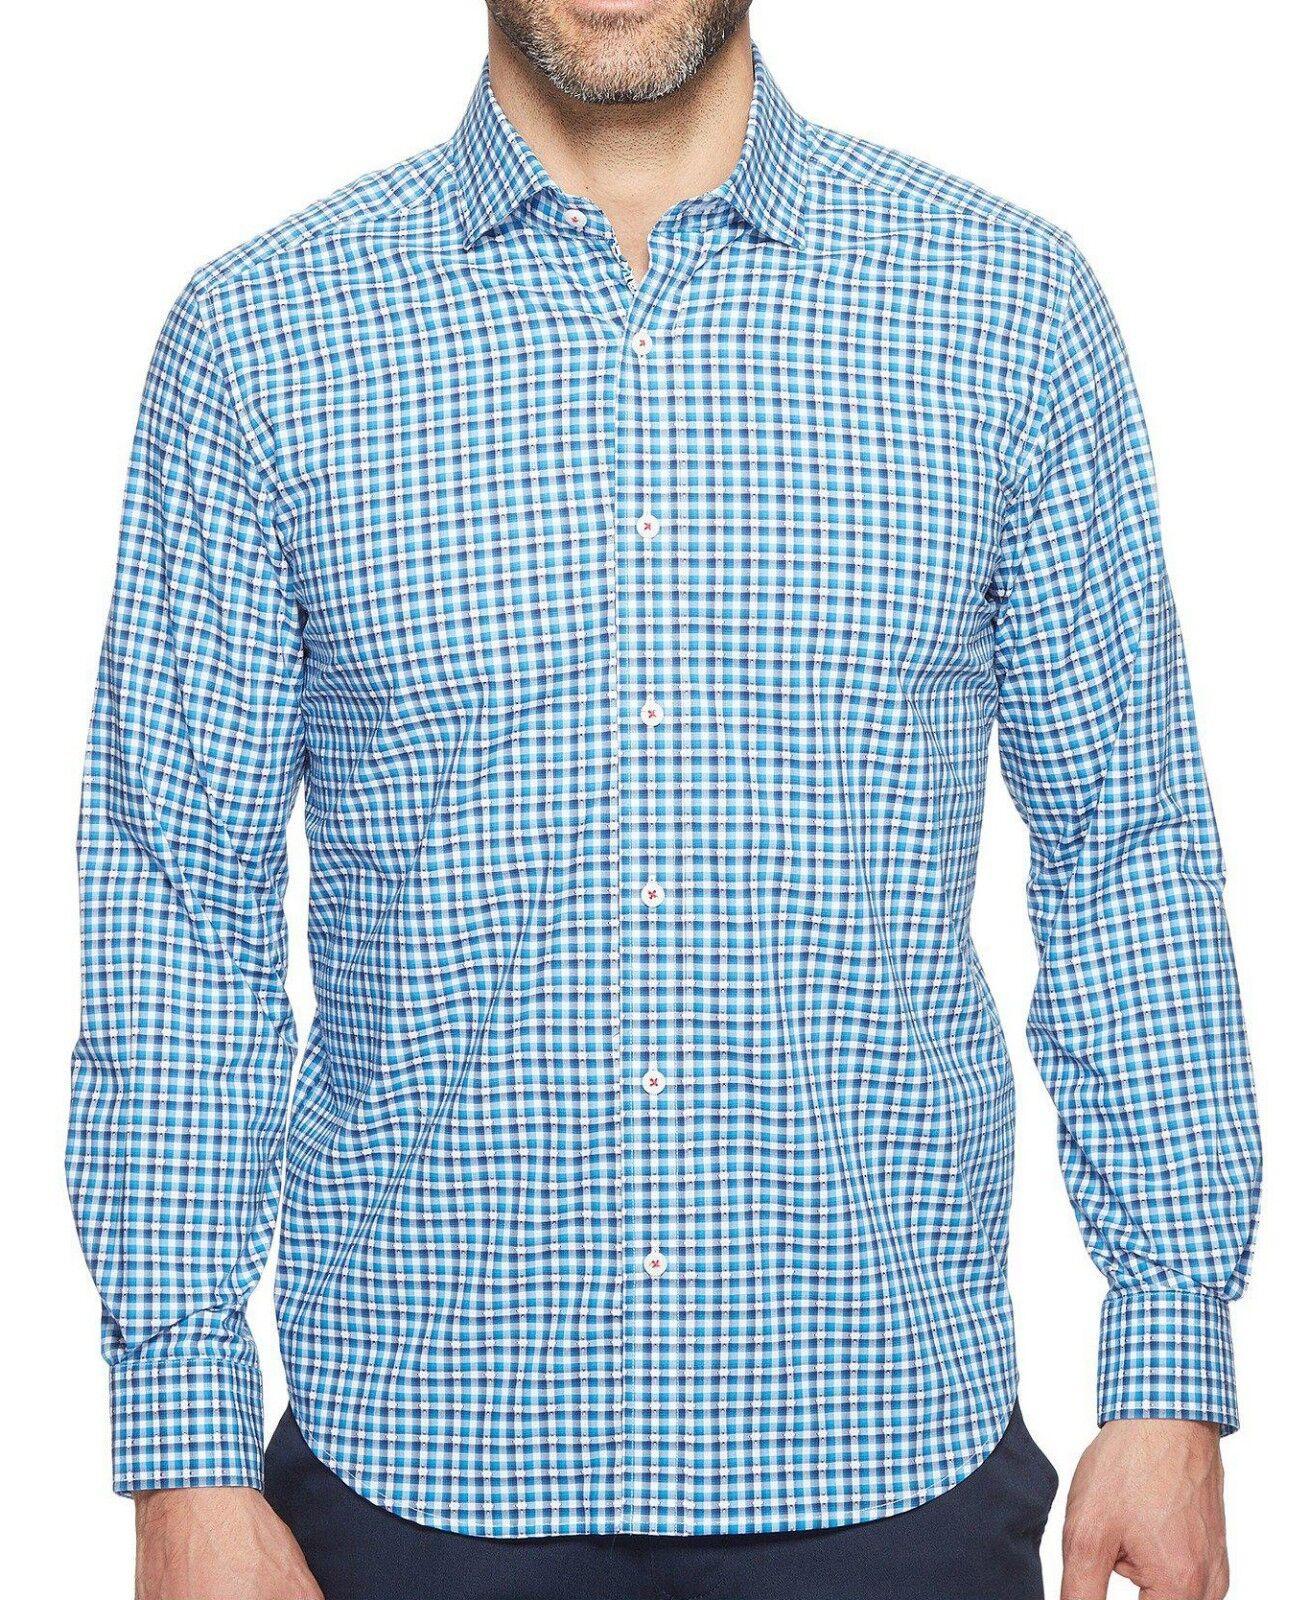 New Mens Robert Graham Tailored Fit Colbie Button Down Woven Shirt M